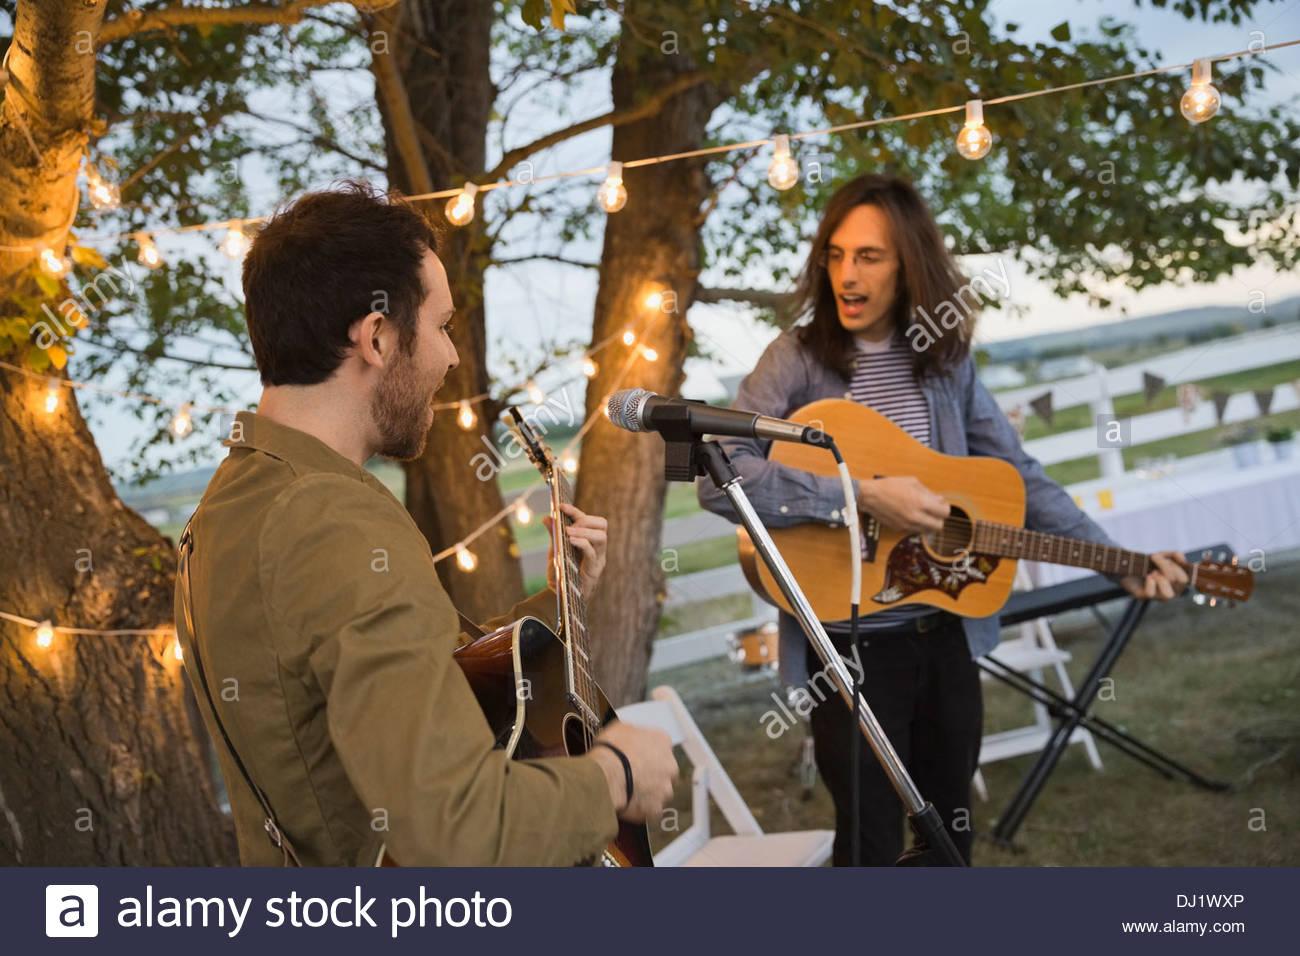 Les hommes de chanter tout en jouant de la guitare au cours de partie en plein air Photo Stock